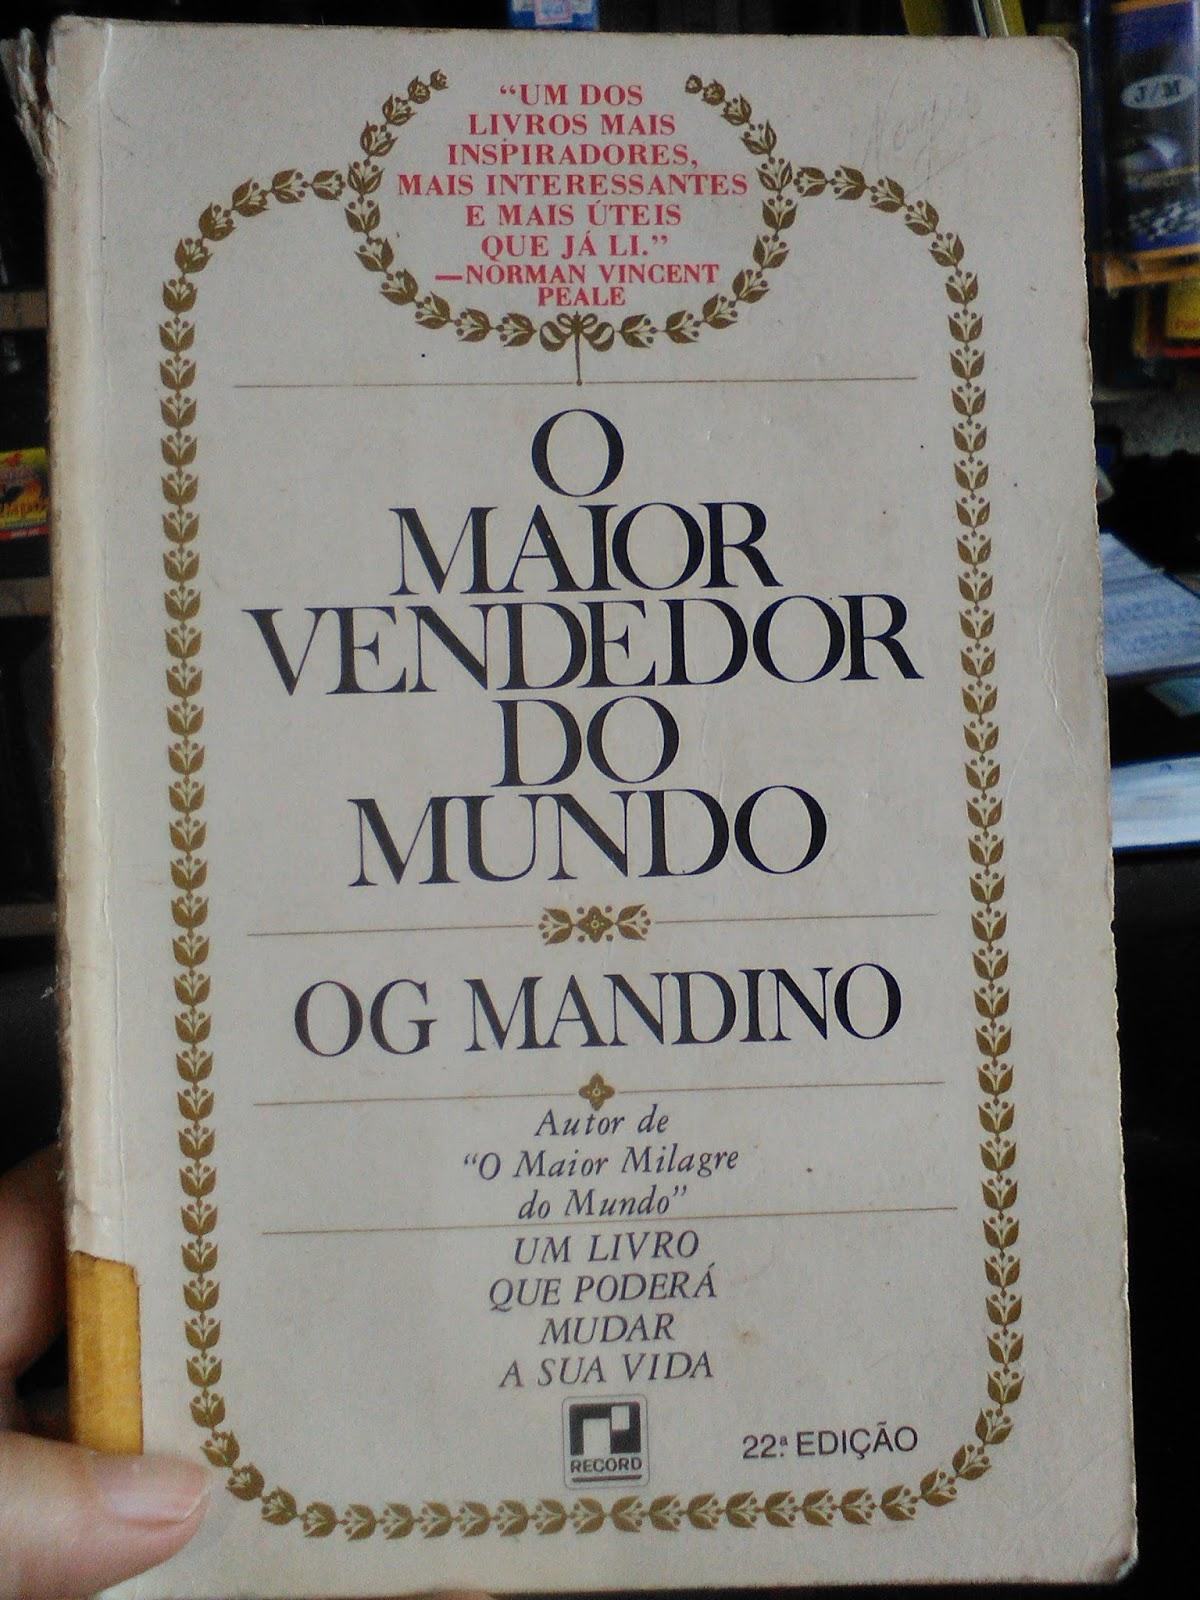 Tag Frases Do Livro O Maior Vendedor Do Mundo Og Mandino